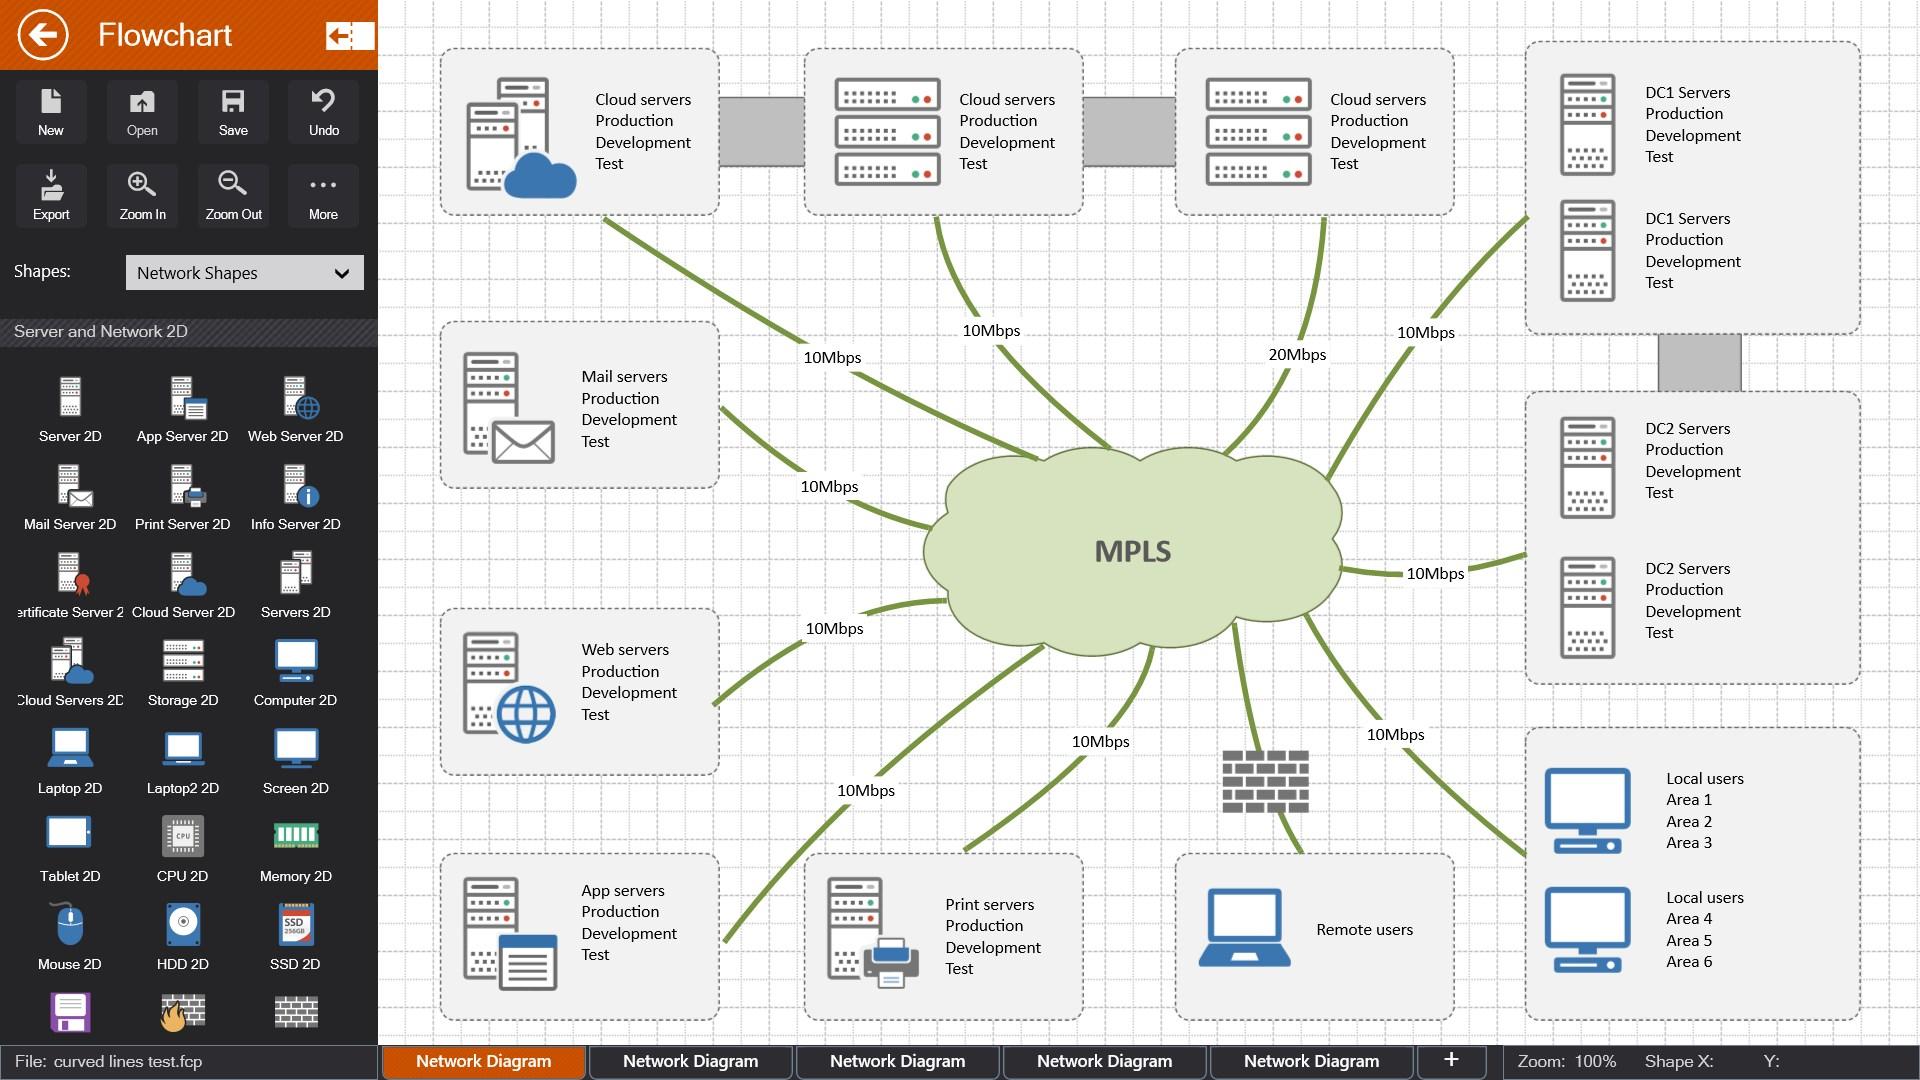 visio activity diagram 93 chevy silverado radio wiring buy flowdia diagrams - microsoft store